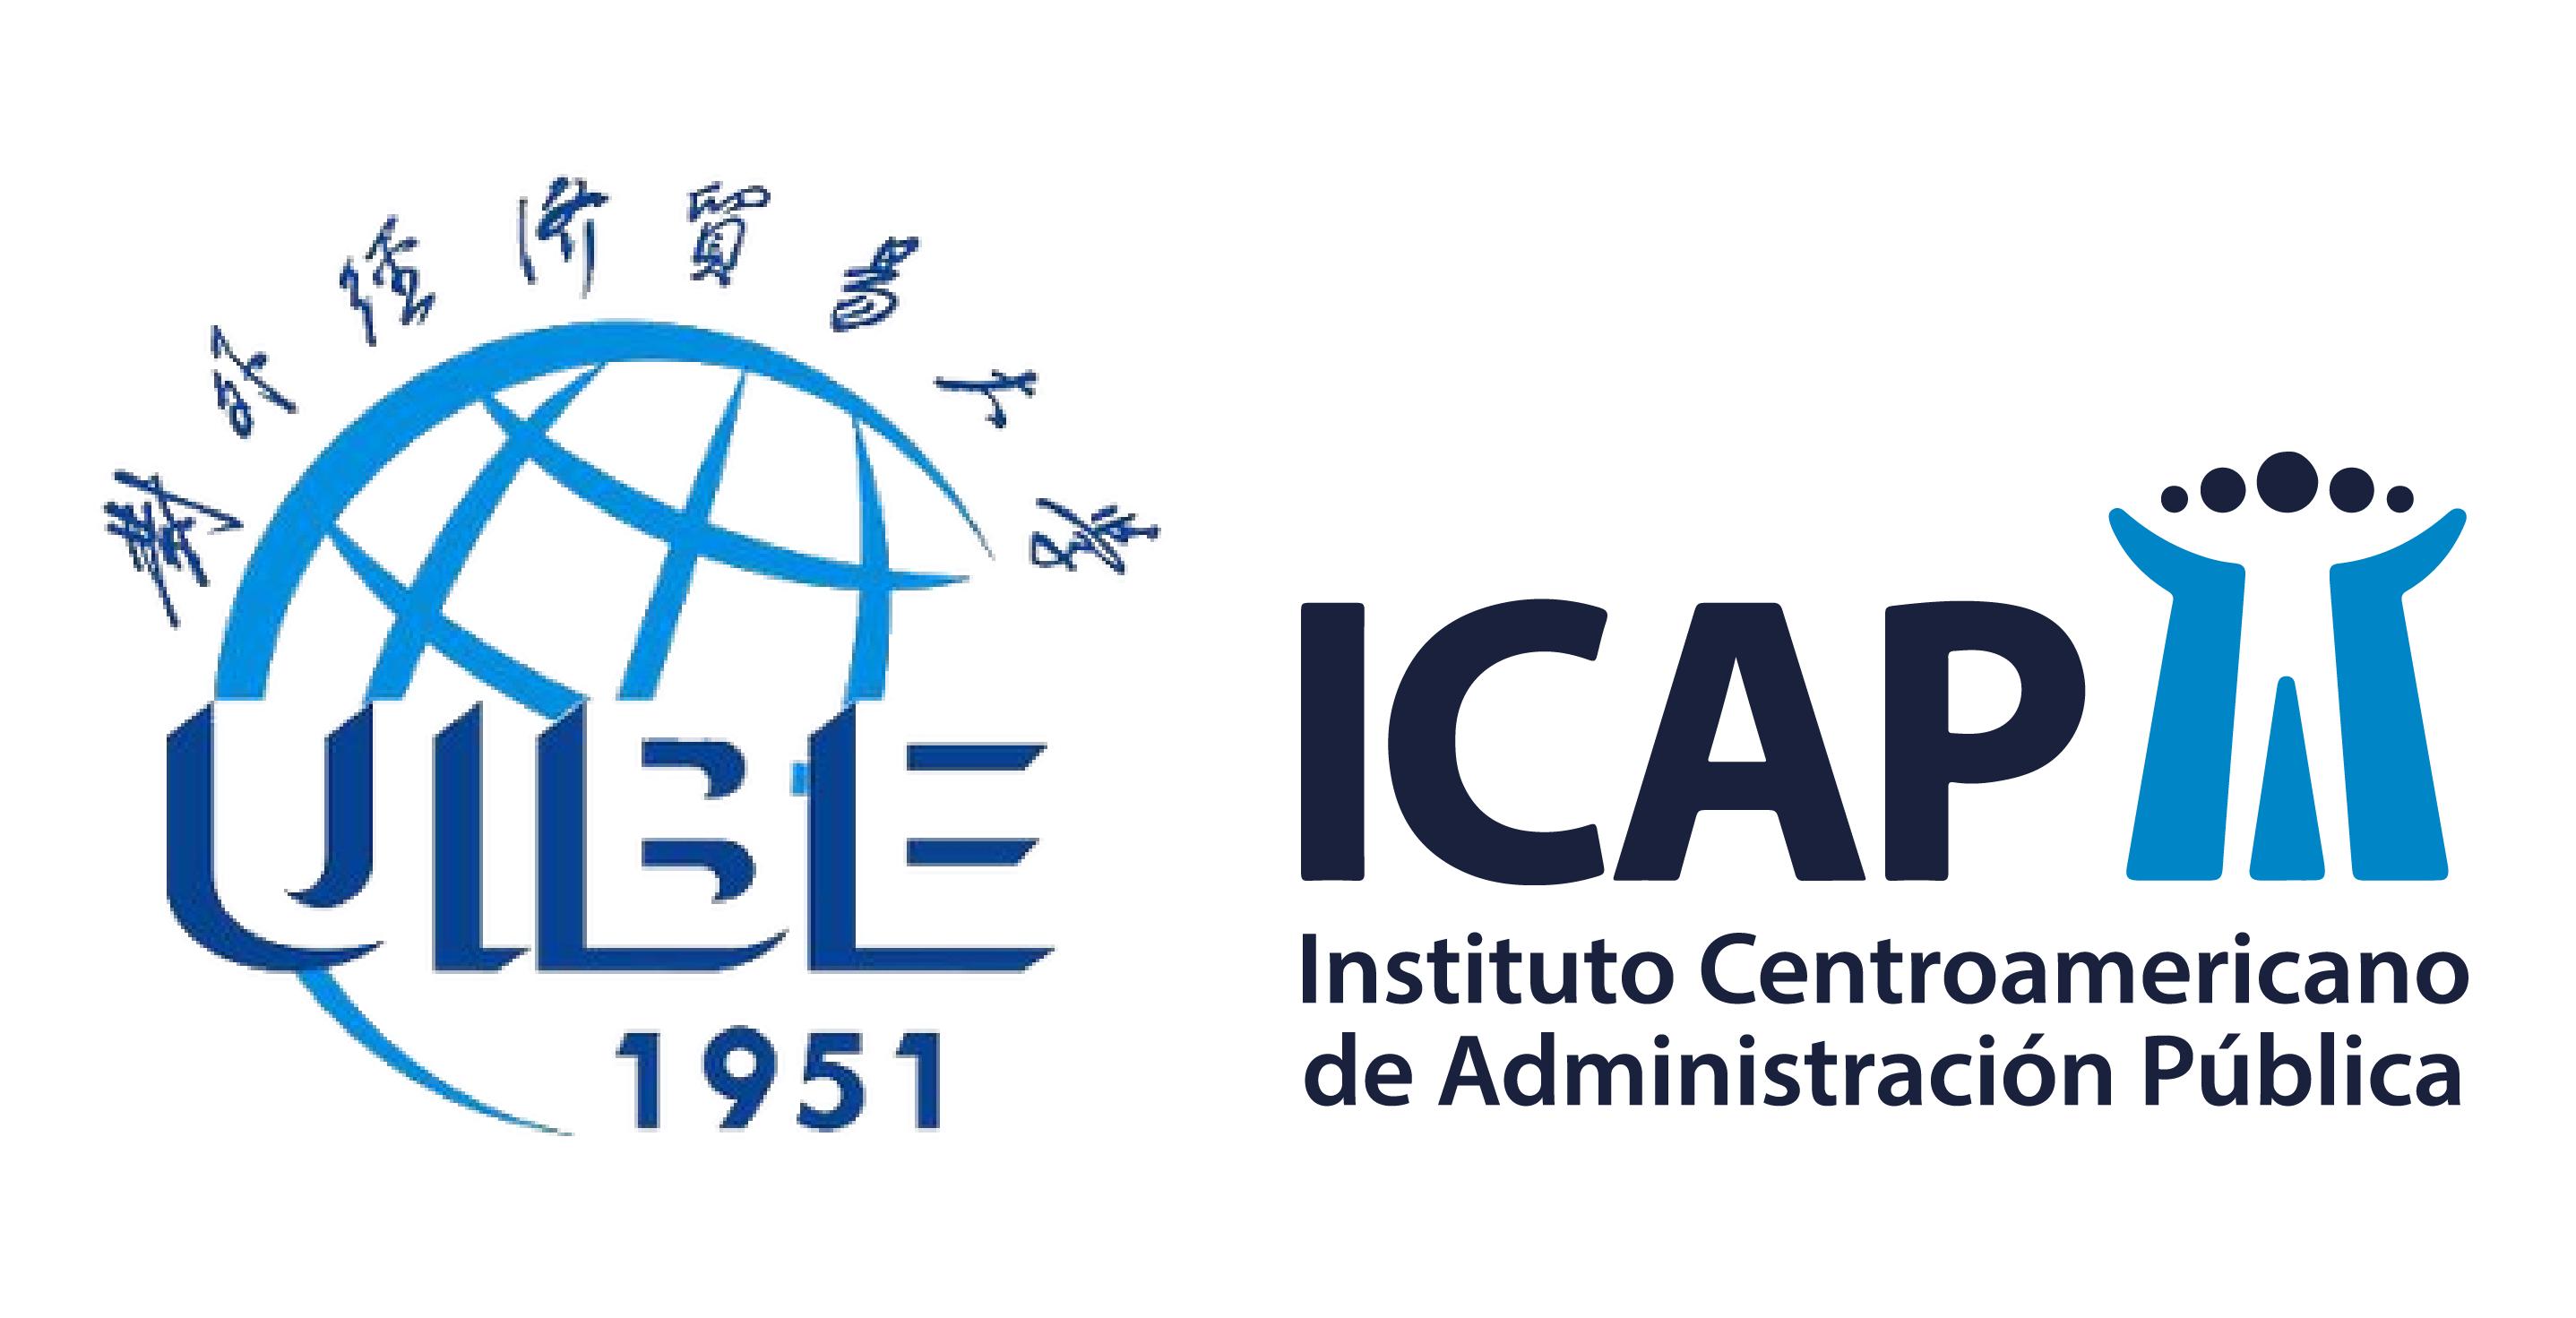 El ICAP y la Universidad de Economía y Negocios Internacionales, UIBE, Beijing abren espacios de cooperación para promover la investigación científica e intercambio académico